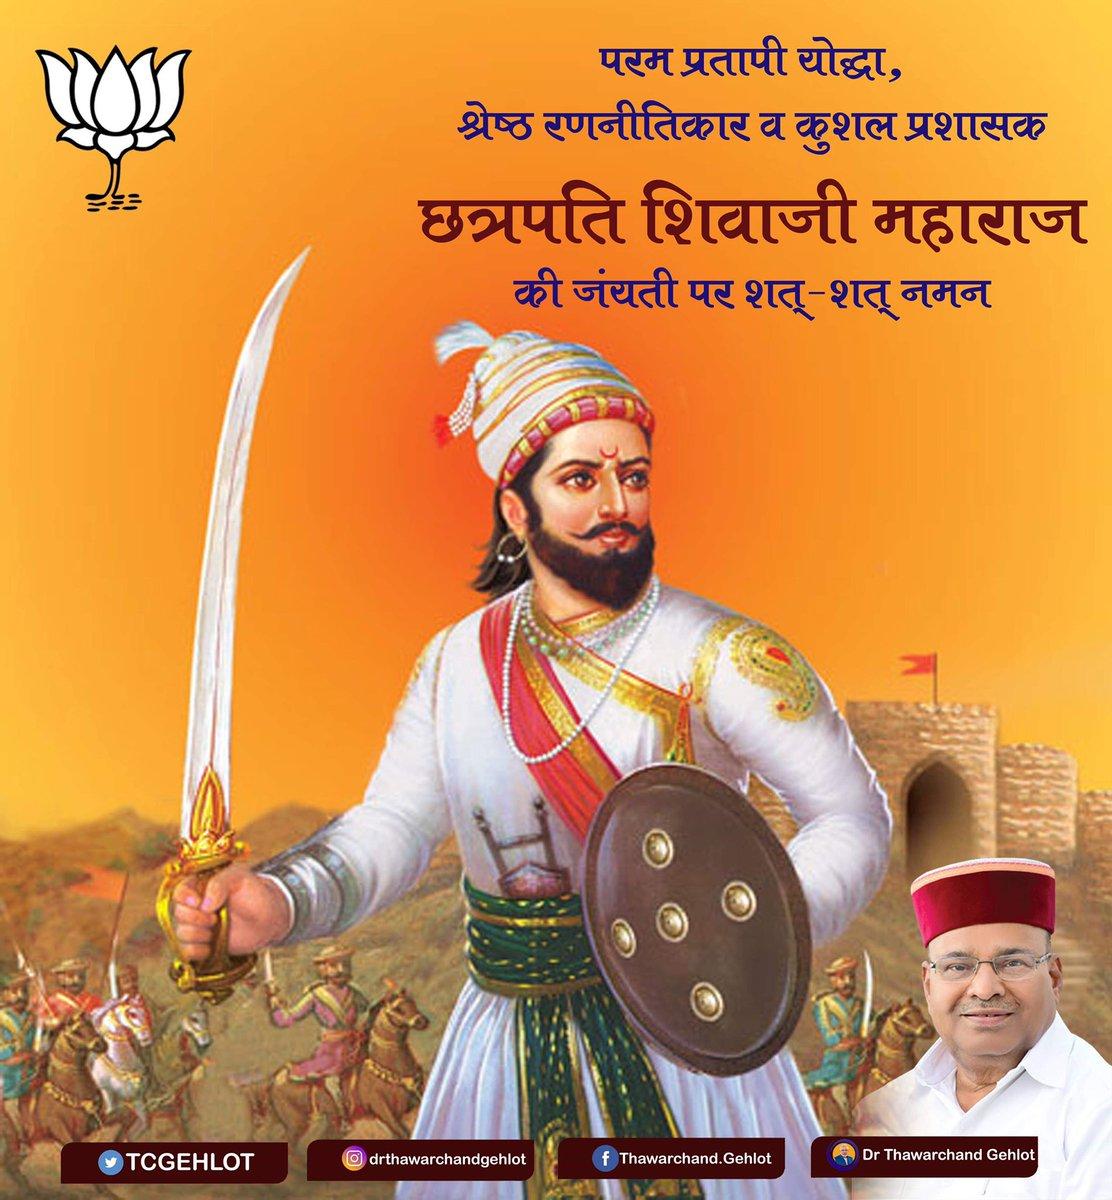 परम प्रतापी योद्धा, श्रेष्ठ रणनीतिकार व कुशल प्रशासक छत्रपति शिवाजी महाराज जी की जयंती पर कोटि-कोटि नमन। #ShivajiMaharaj